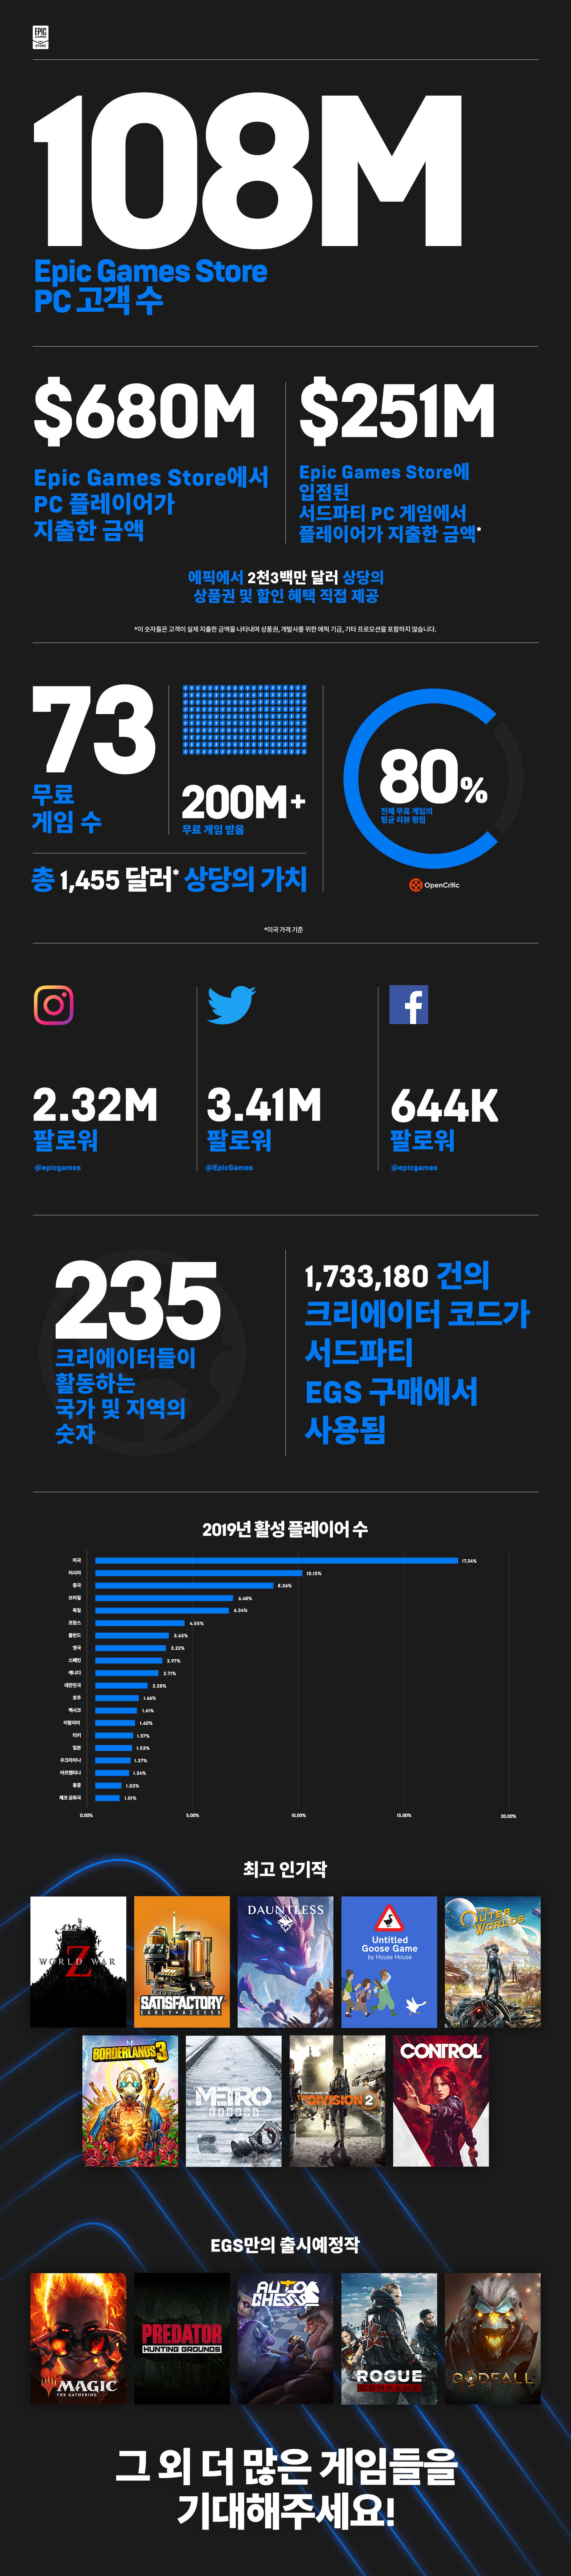 KR_EGS_Infographic.jpg